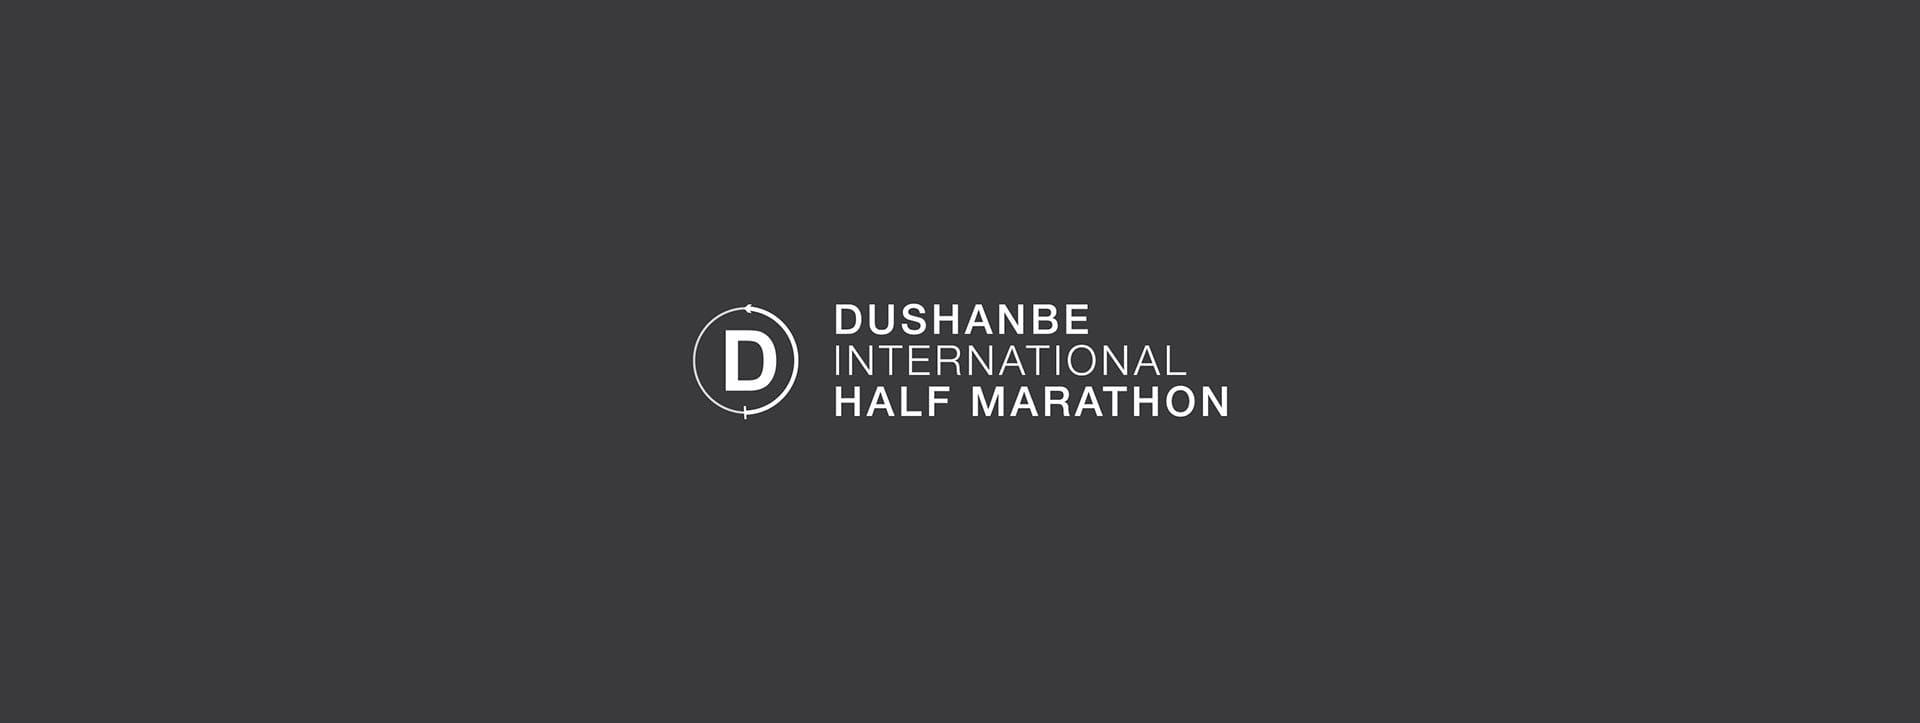 dushanbe marathon